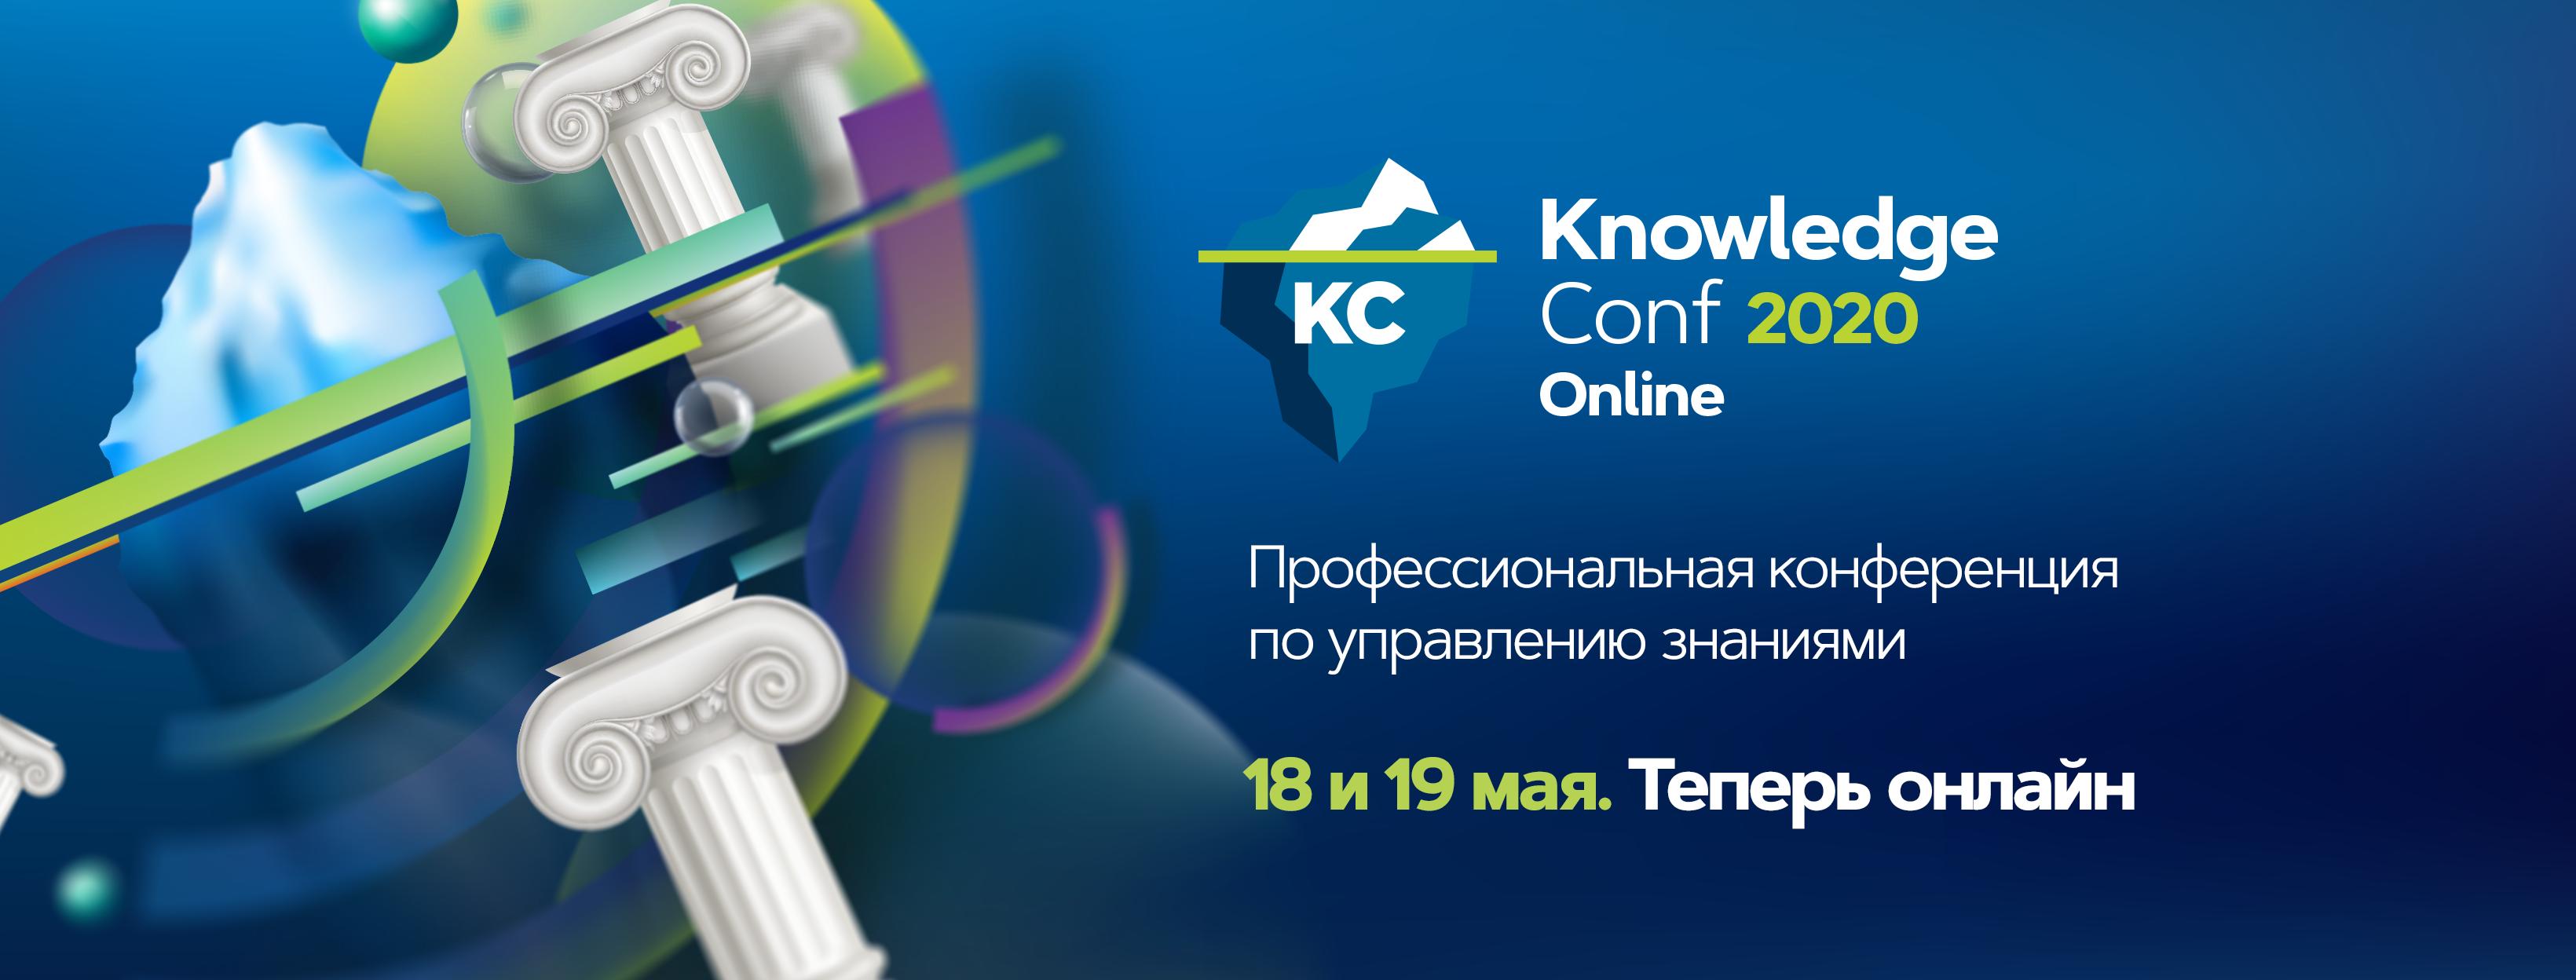 KnowledgeConf 2020 Online: внедряем управление знаниями по шагам